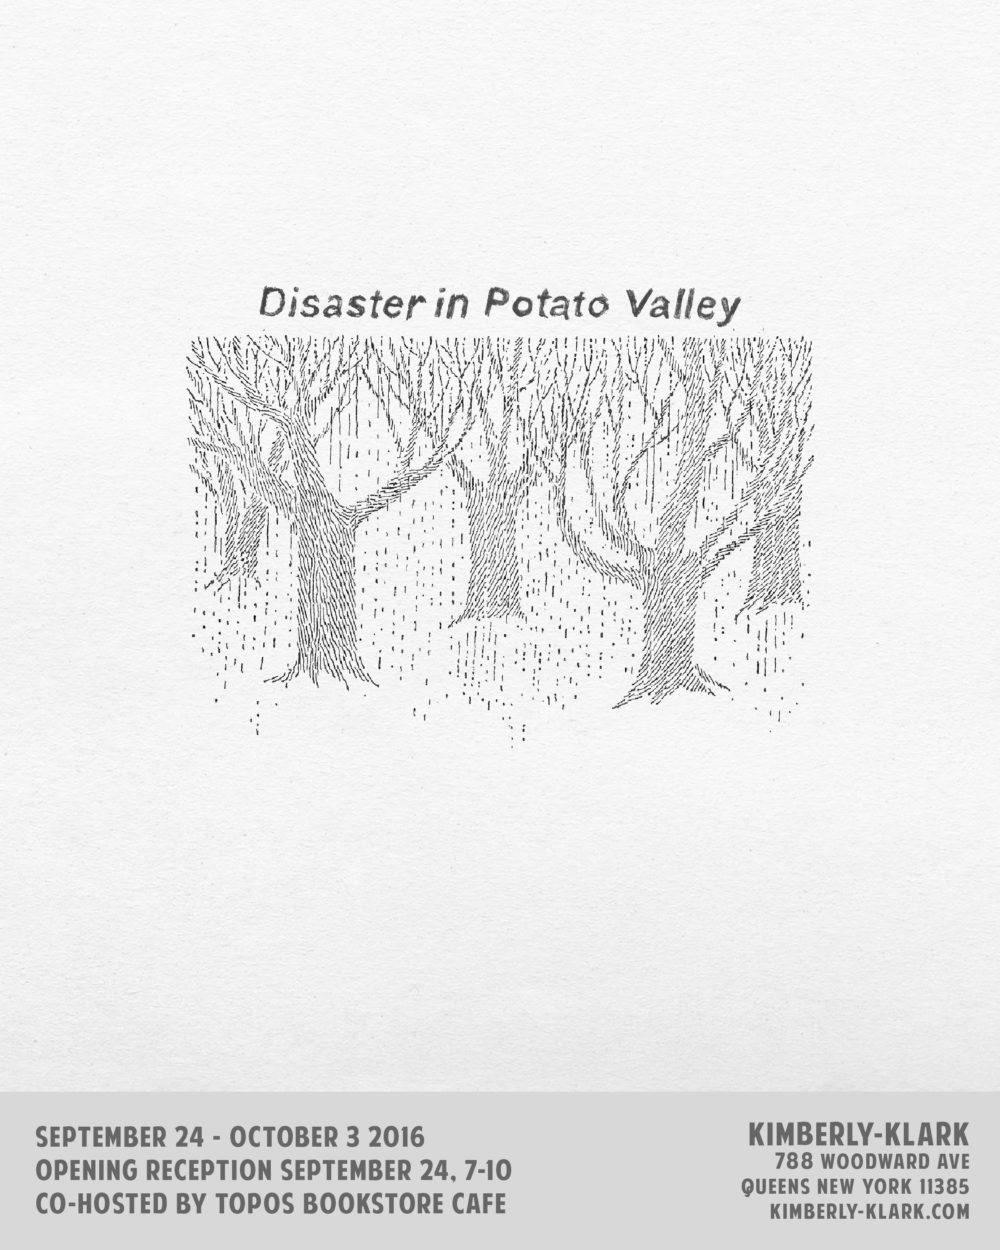 disaster-in-potato-valley-promo-v3